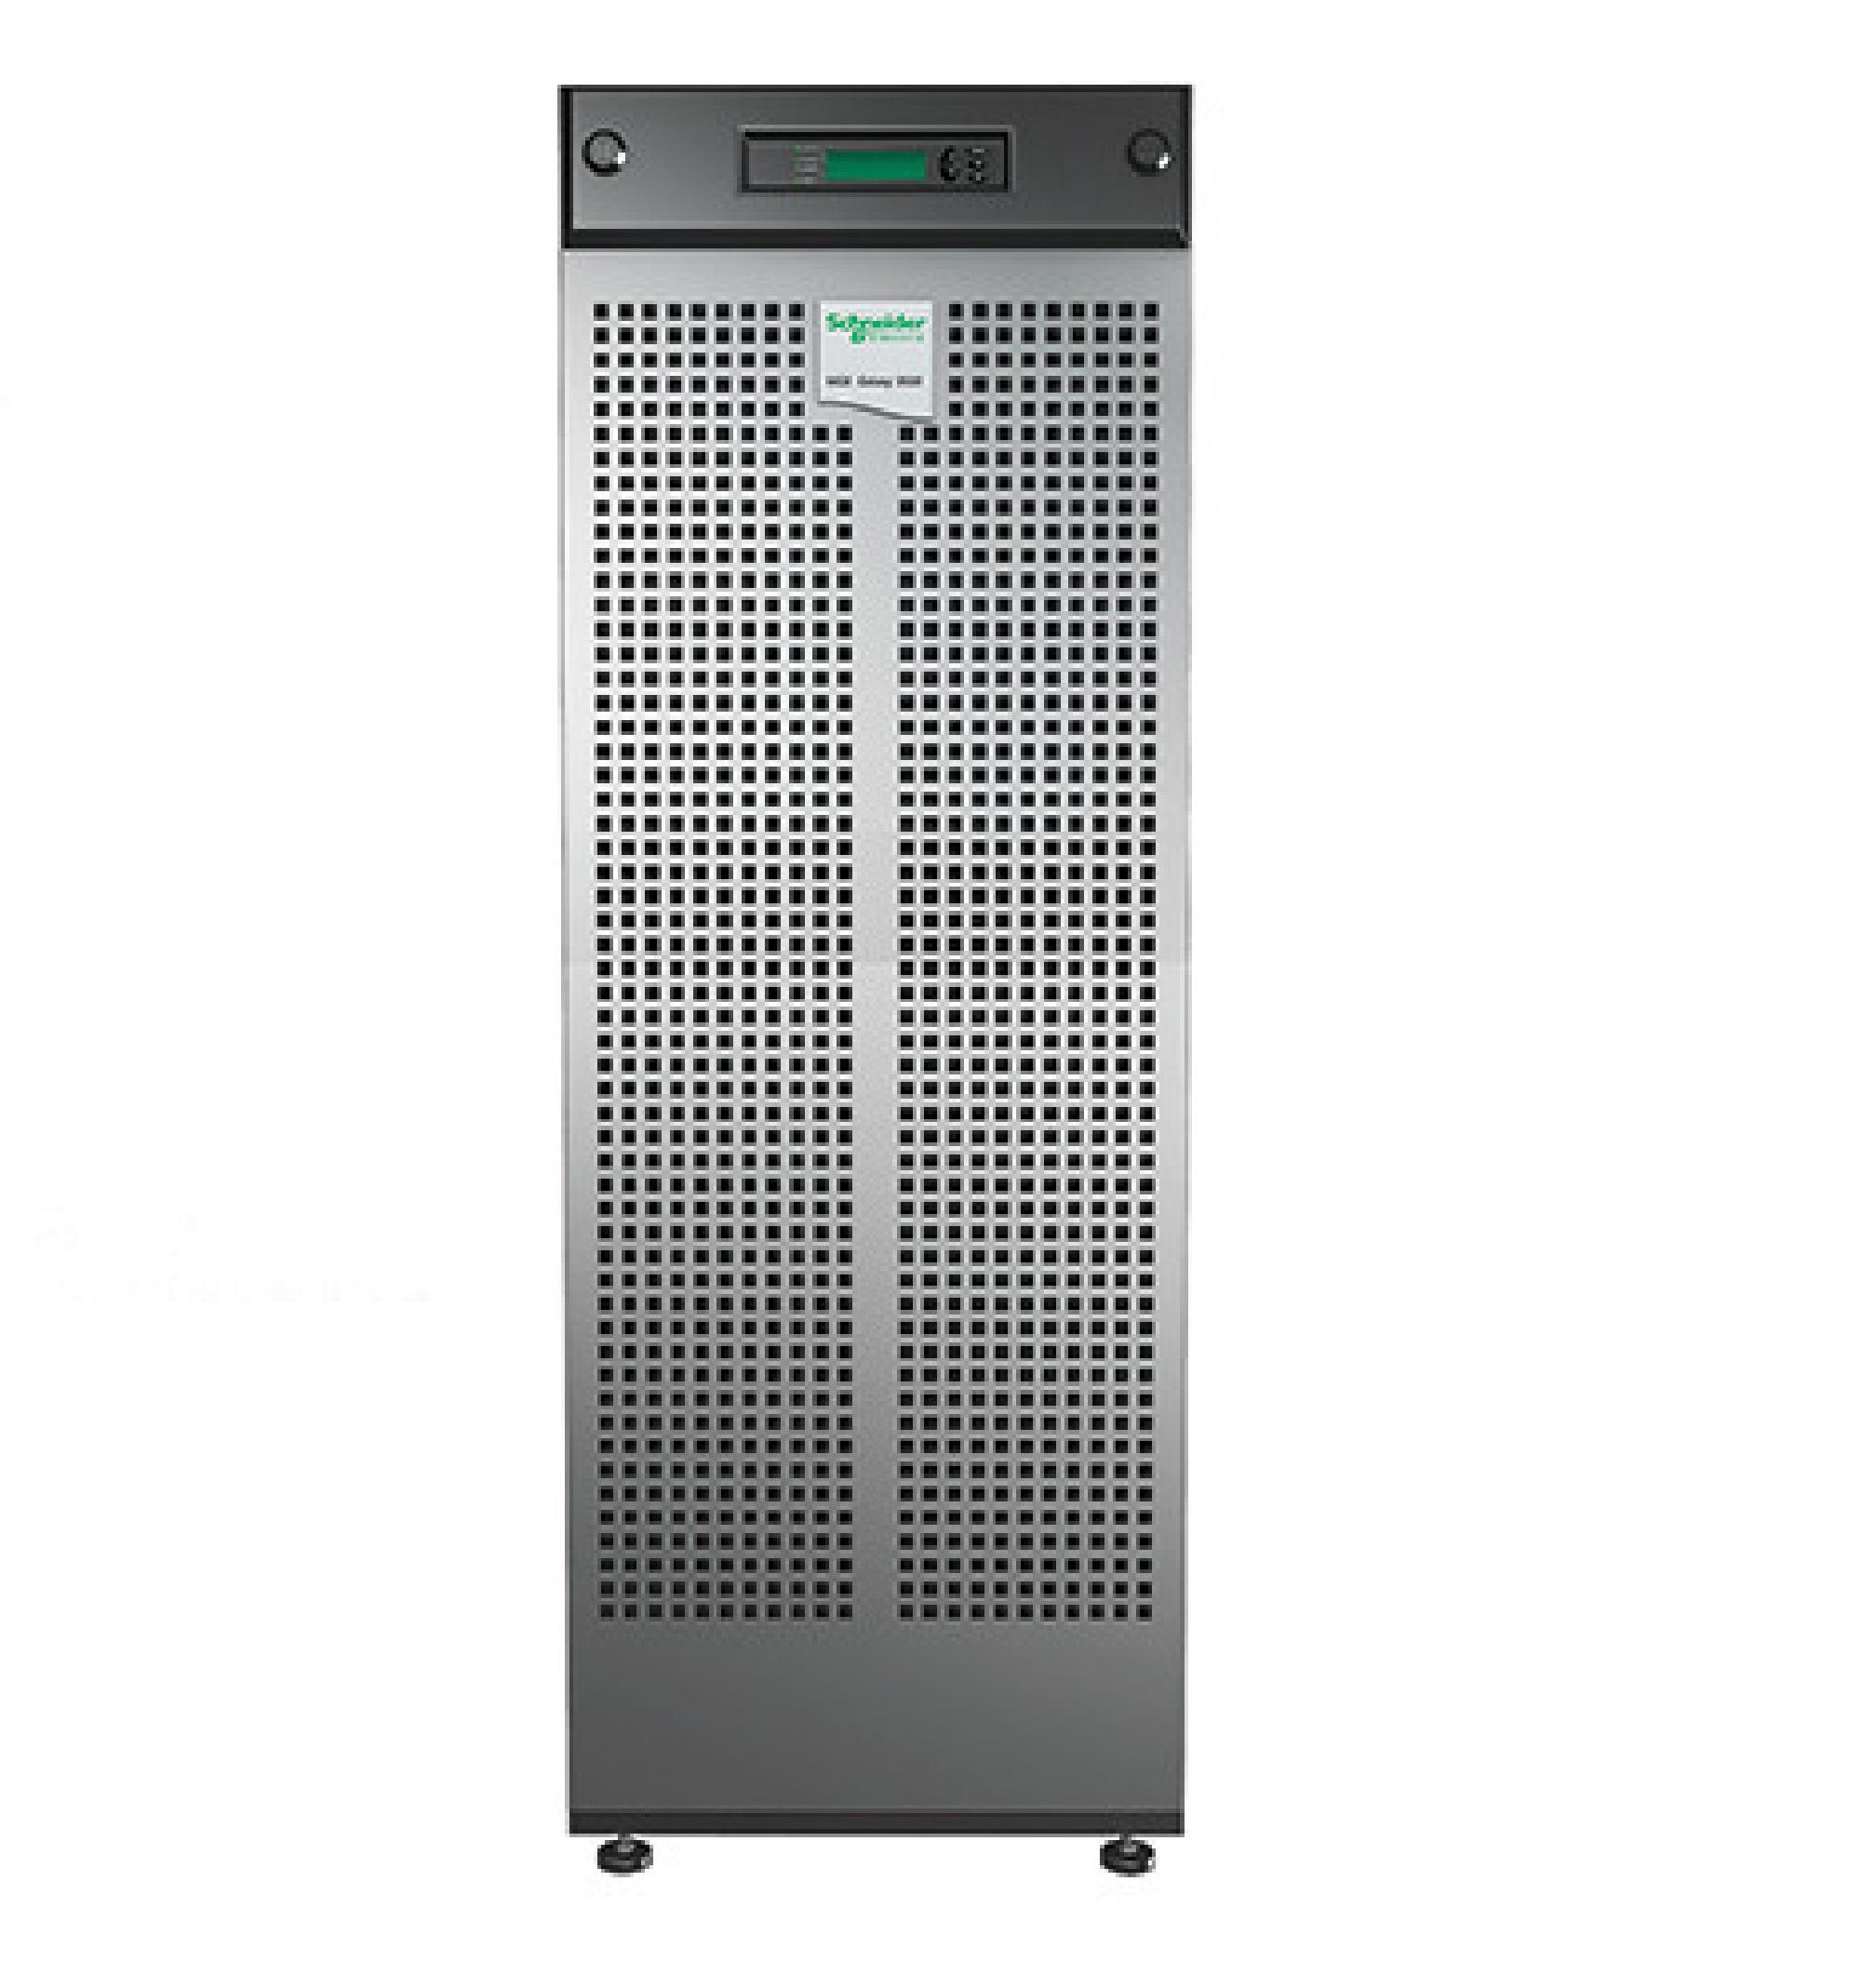 MGE Galaxy 3500, 20 kVA e 208V, com 2 módulos de baterias expansíveis a 4, startup 5x8